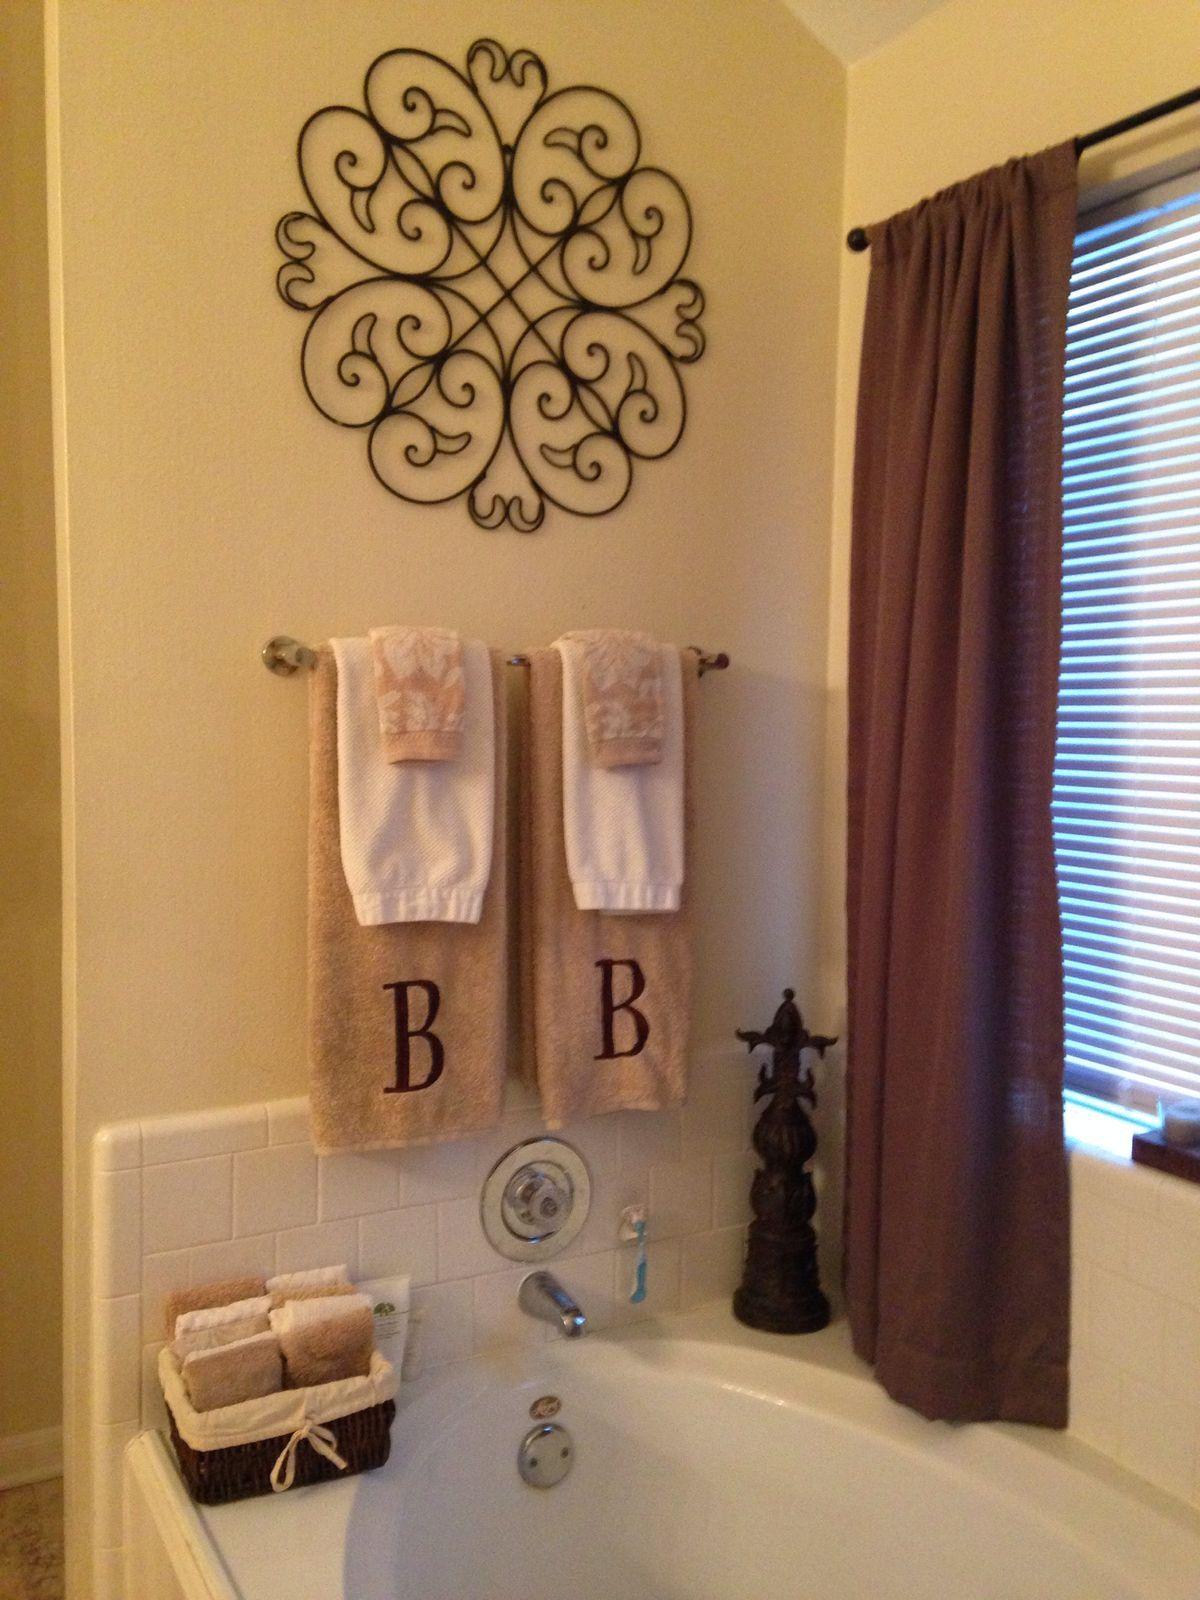 Afde2357657d96660a271b503b3fc9d7 Jpg 1 200 1 600 Pixels Bathroom Towel Decor Tuscan Bathroom Decor Restroom Decor